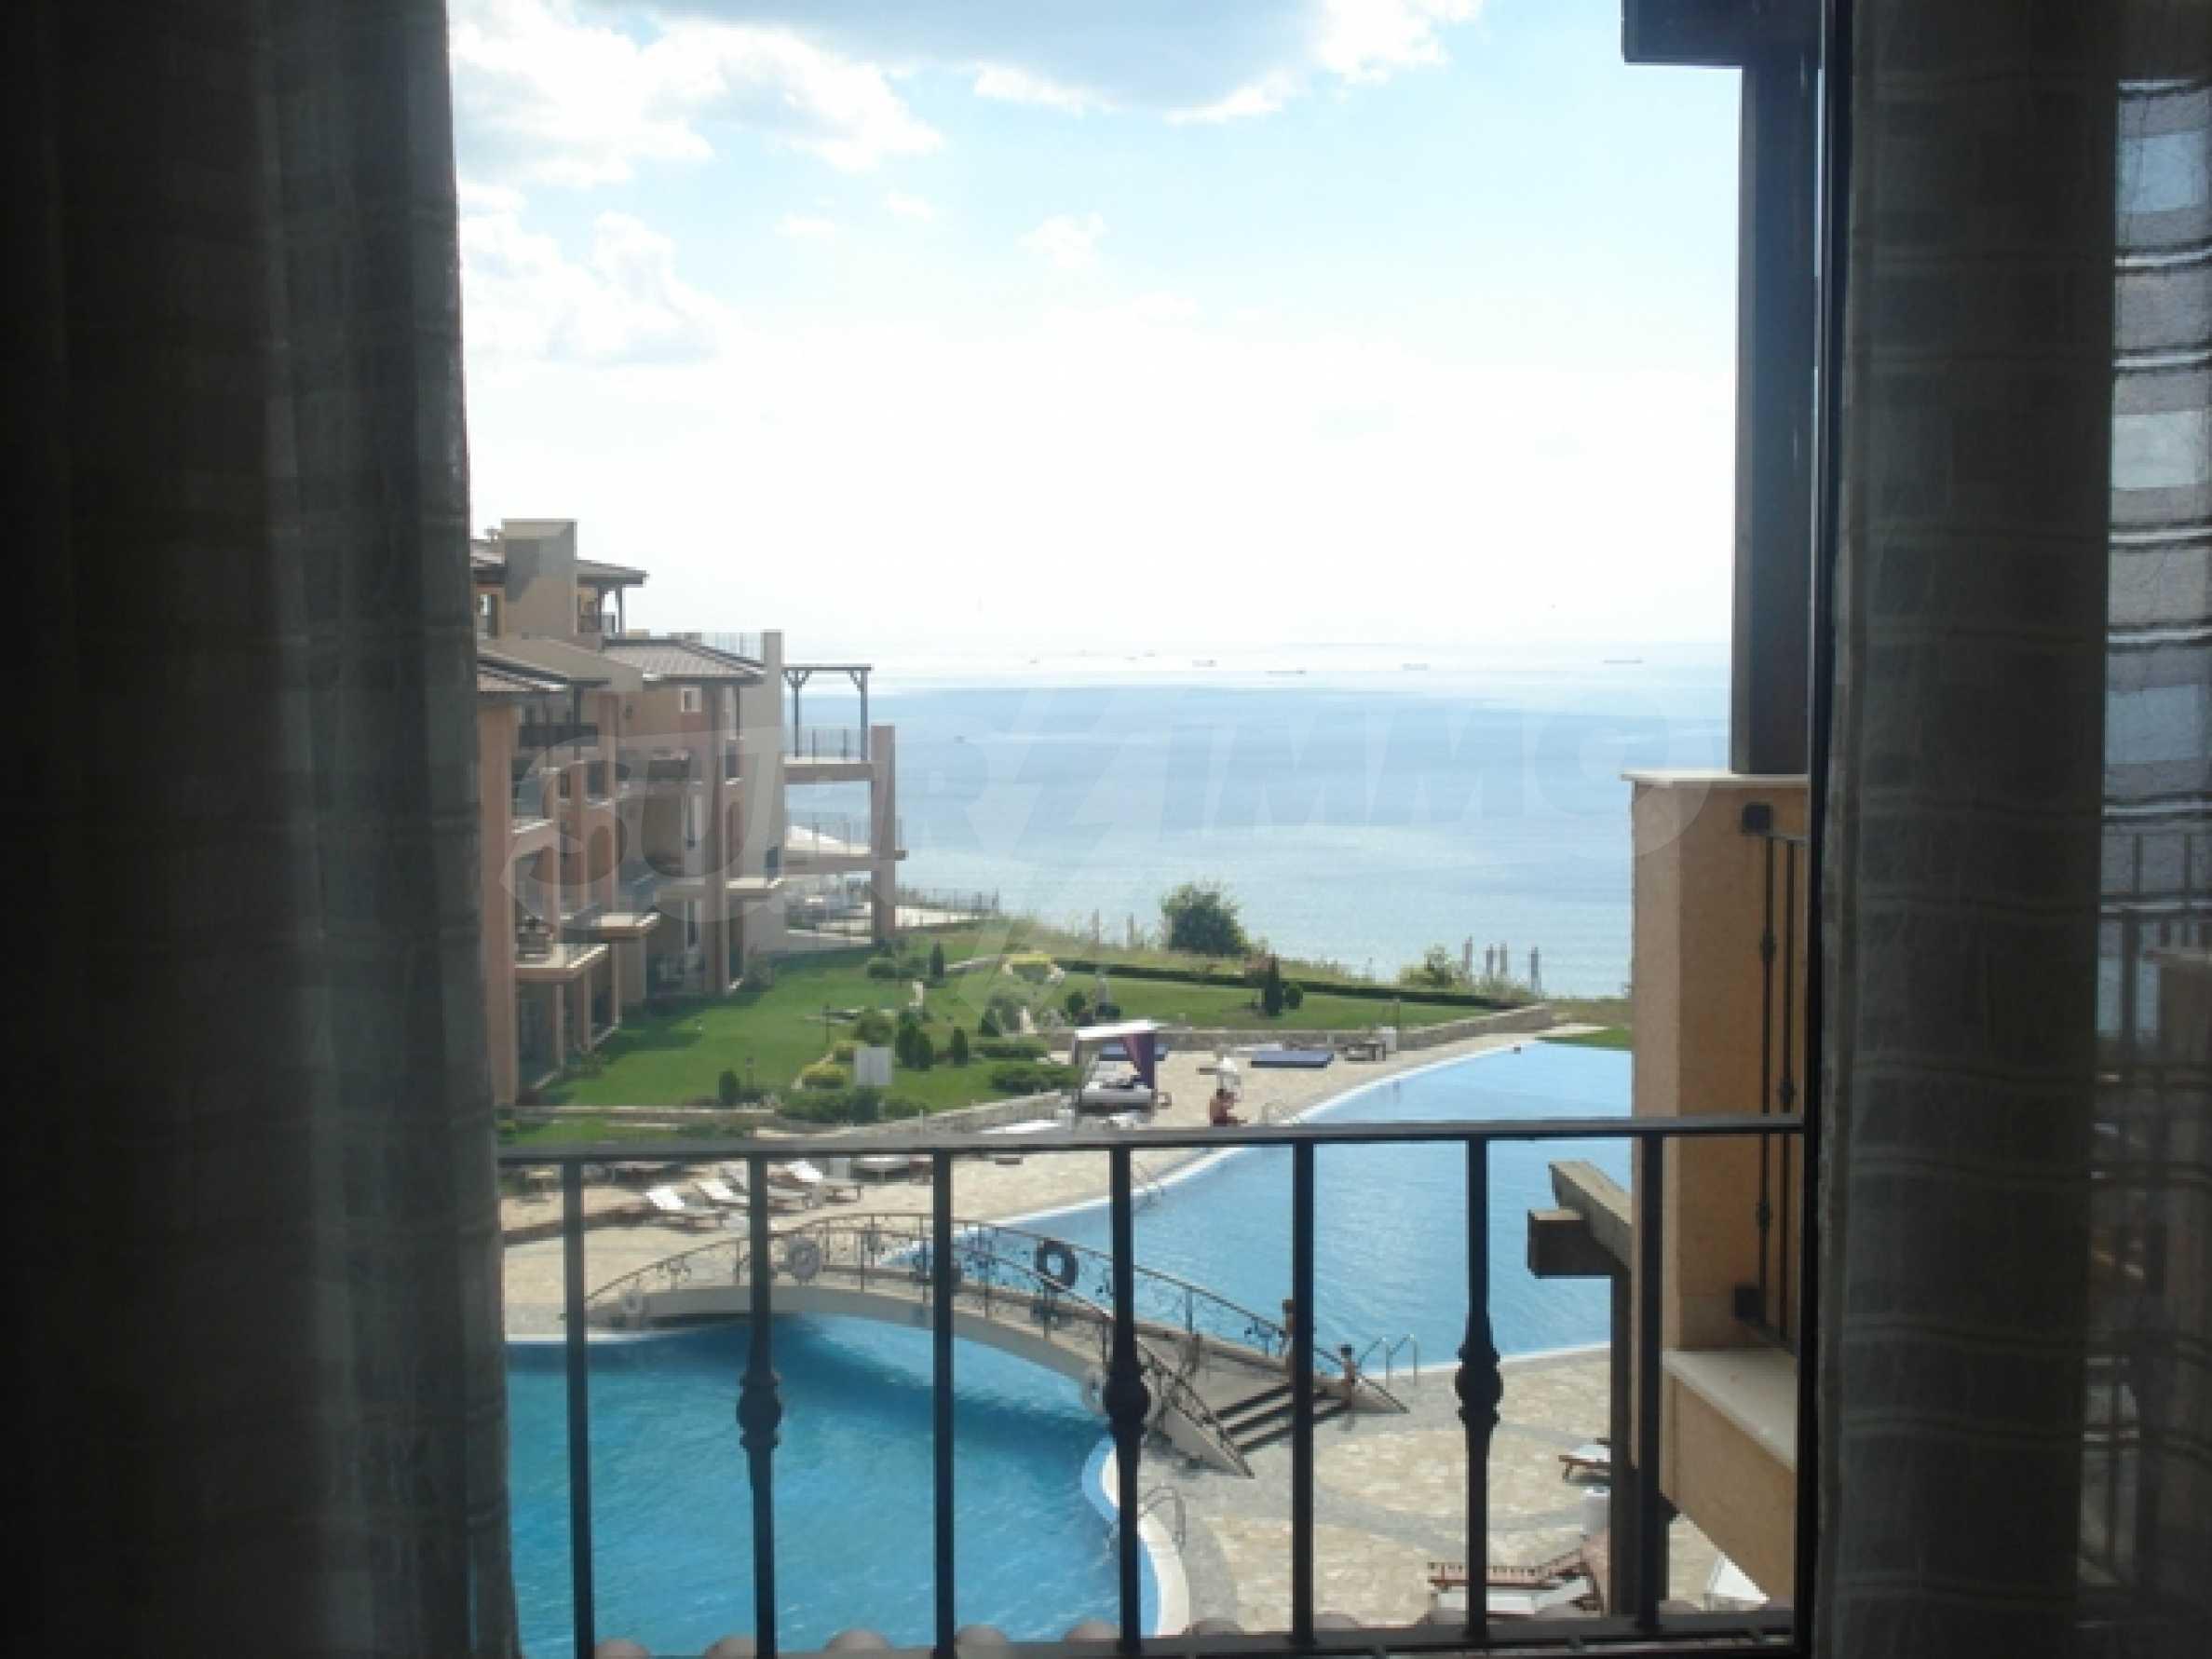 Апартамент в центре комплекса «Калиакрия Голф Резорт», в 55 км от Варны 14